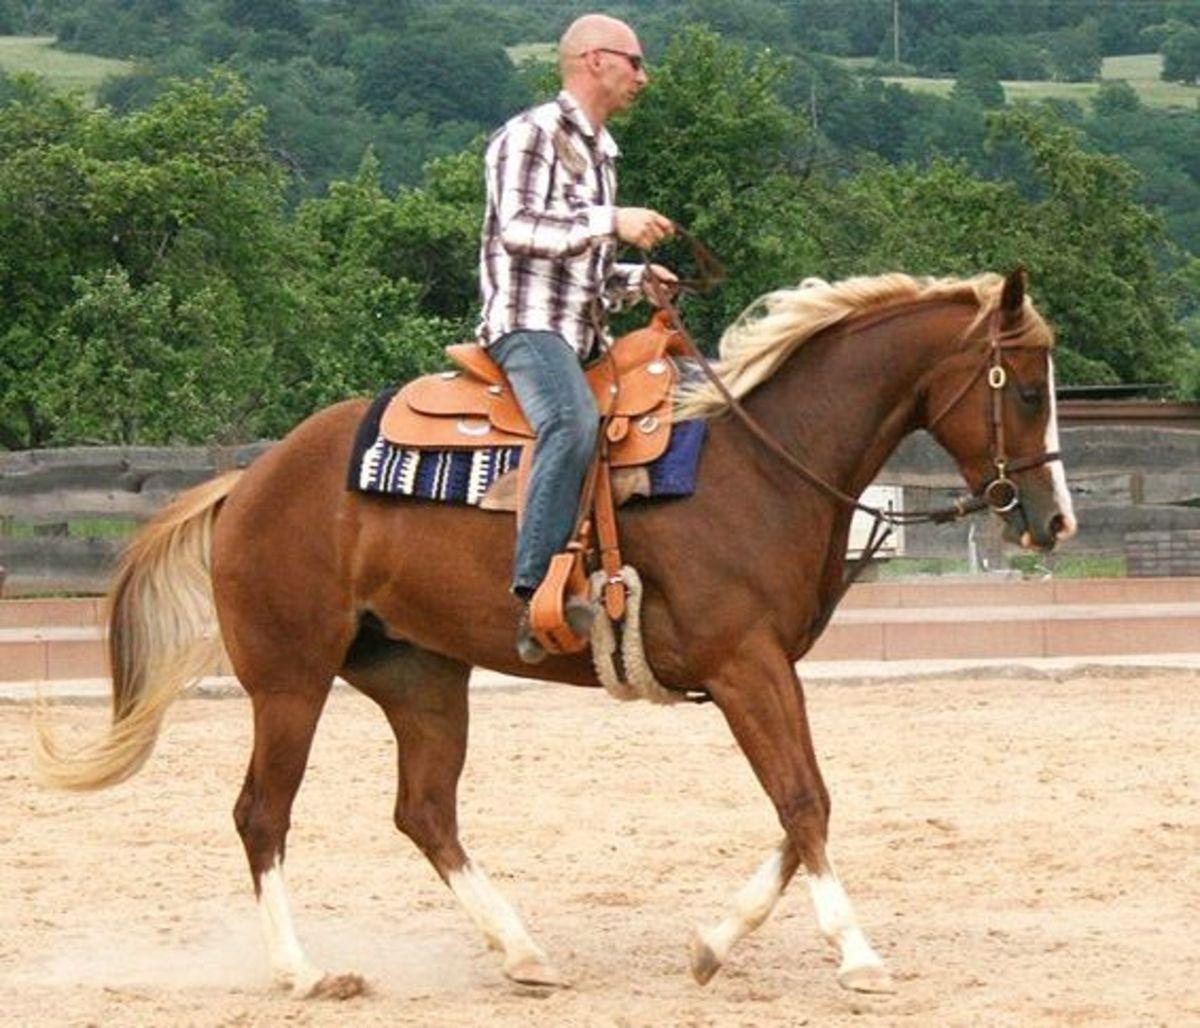 Western-style horseback riding